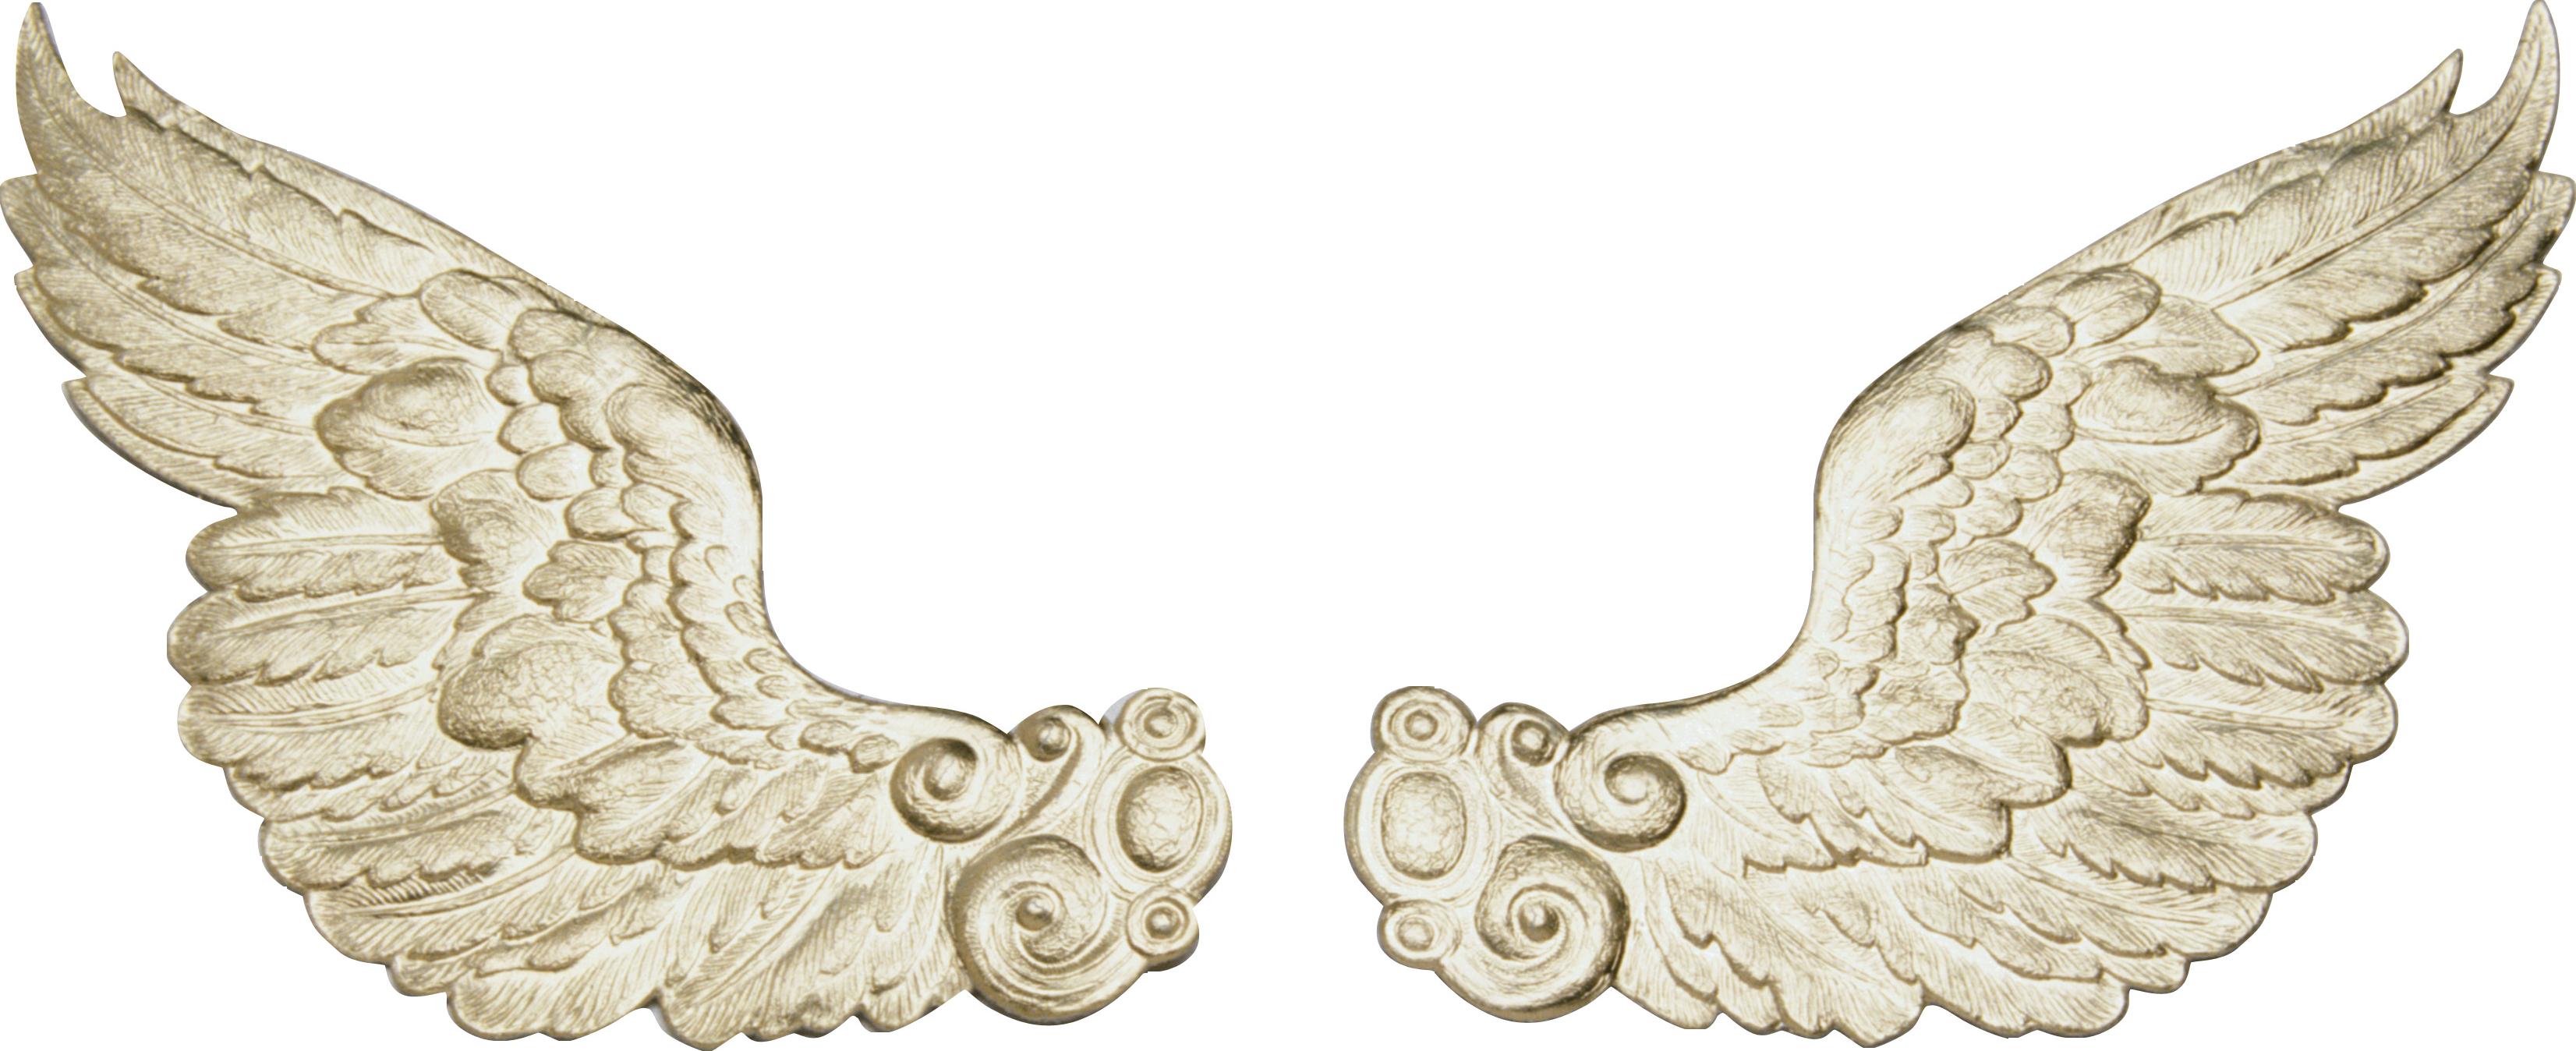 рисунок анимационная картинка крыла через микроскопические поры